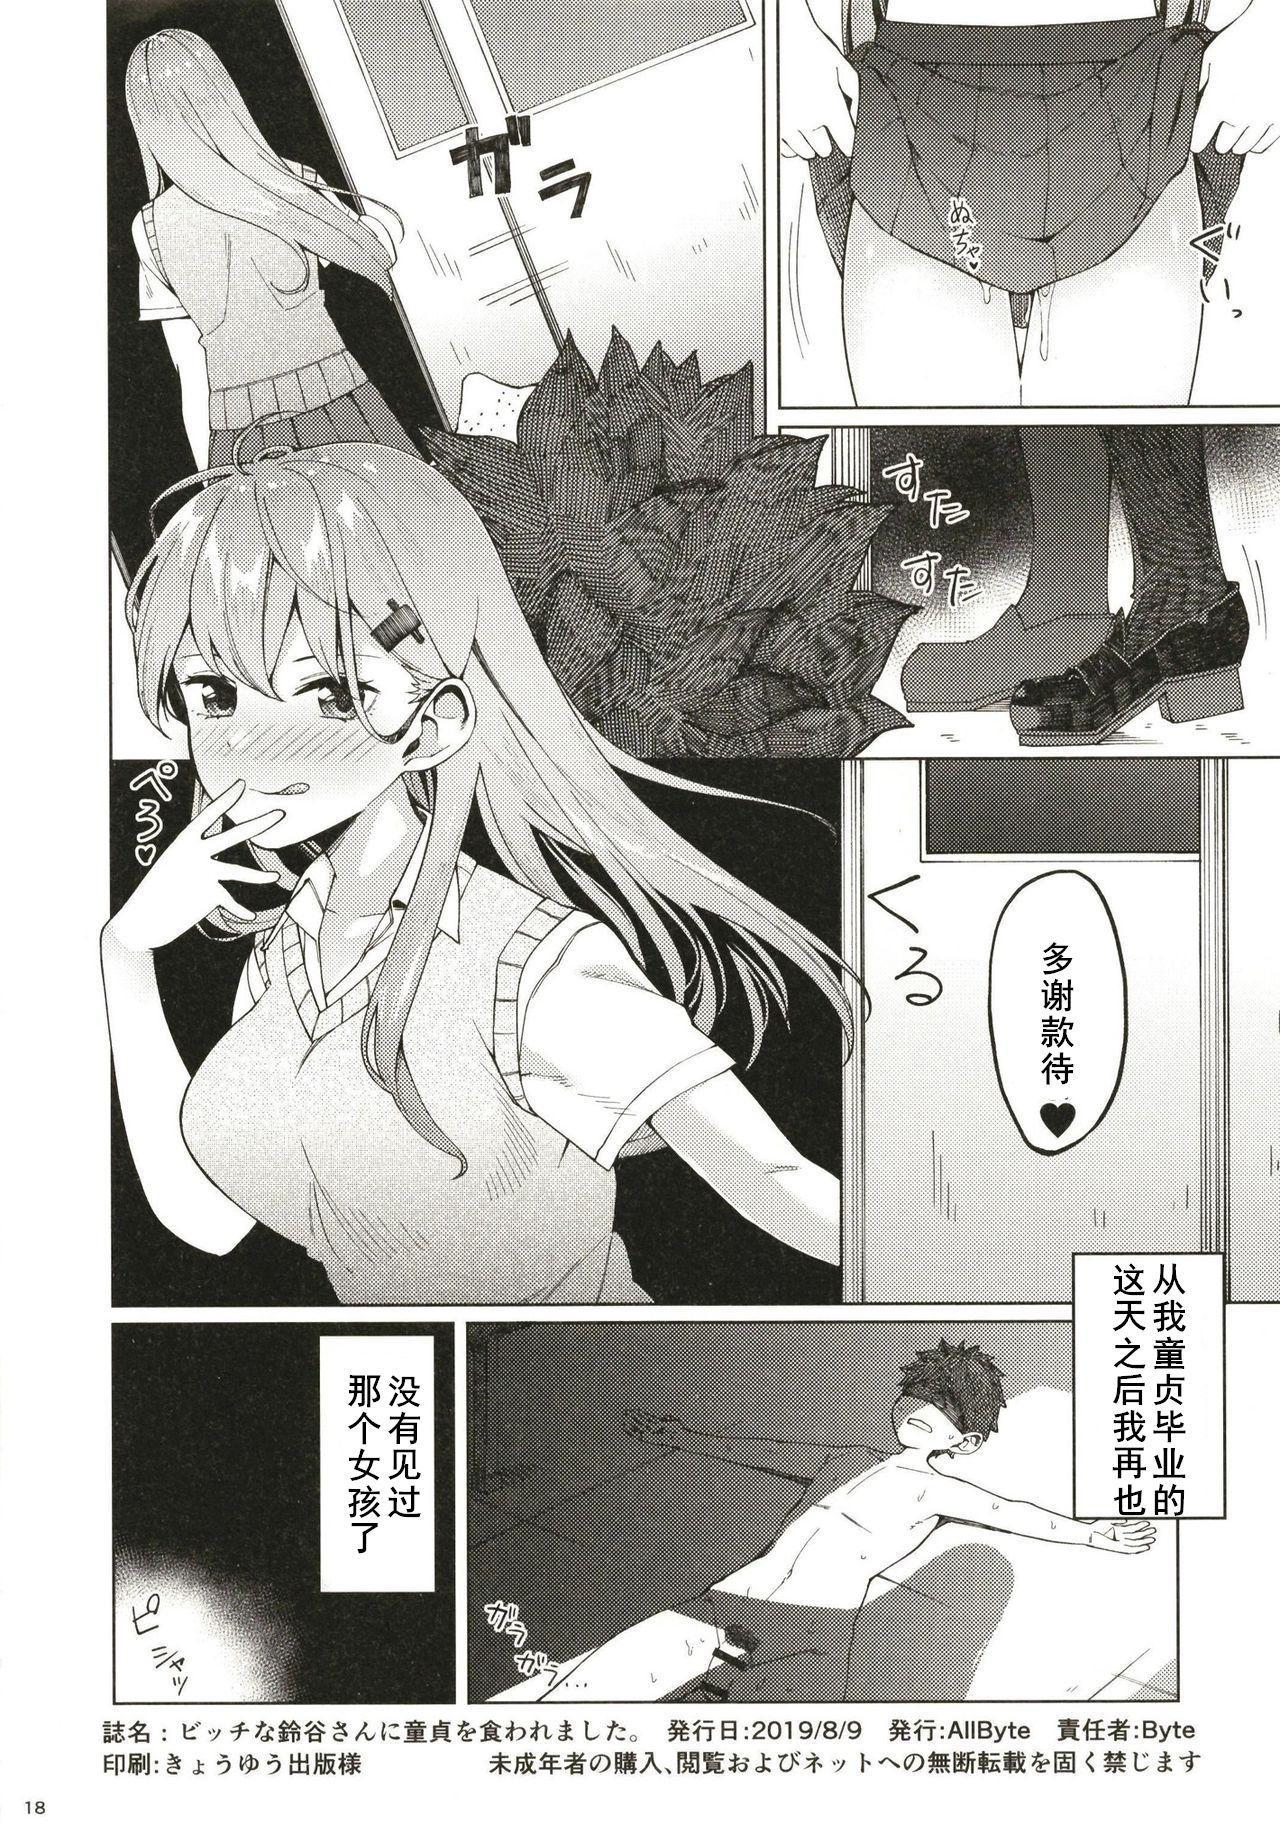 Bitch na Suzuya-san ni Doutei o Kuwaremashita. 17